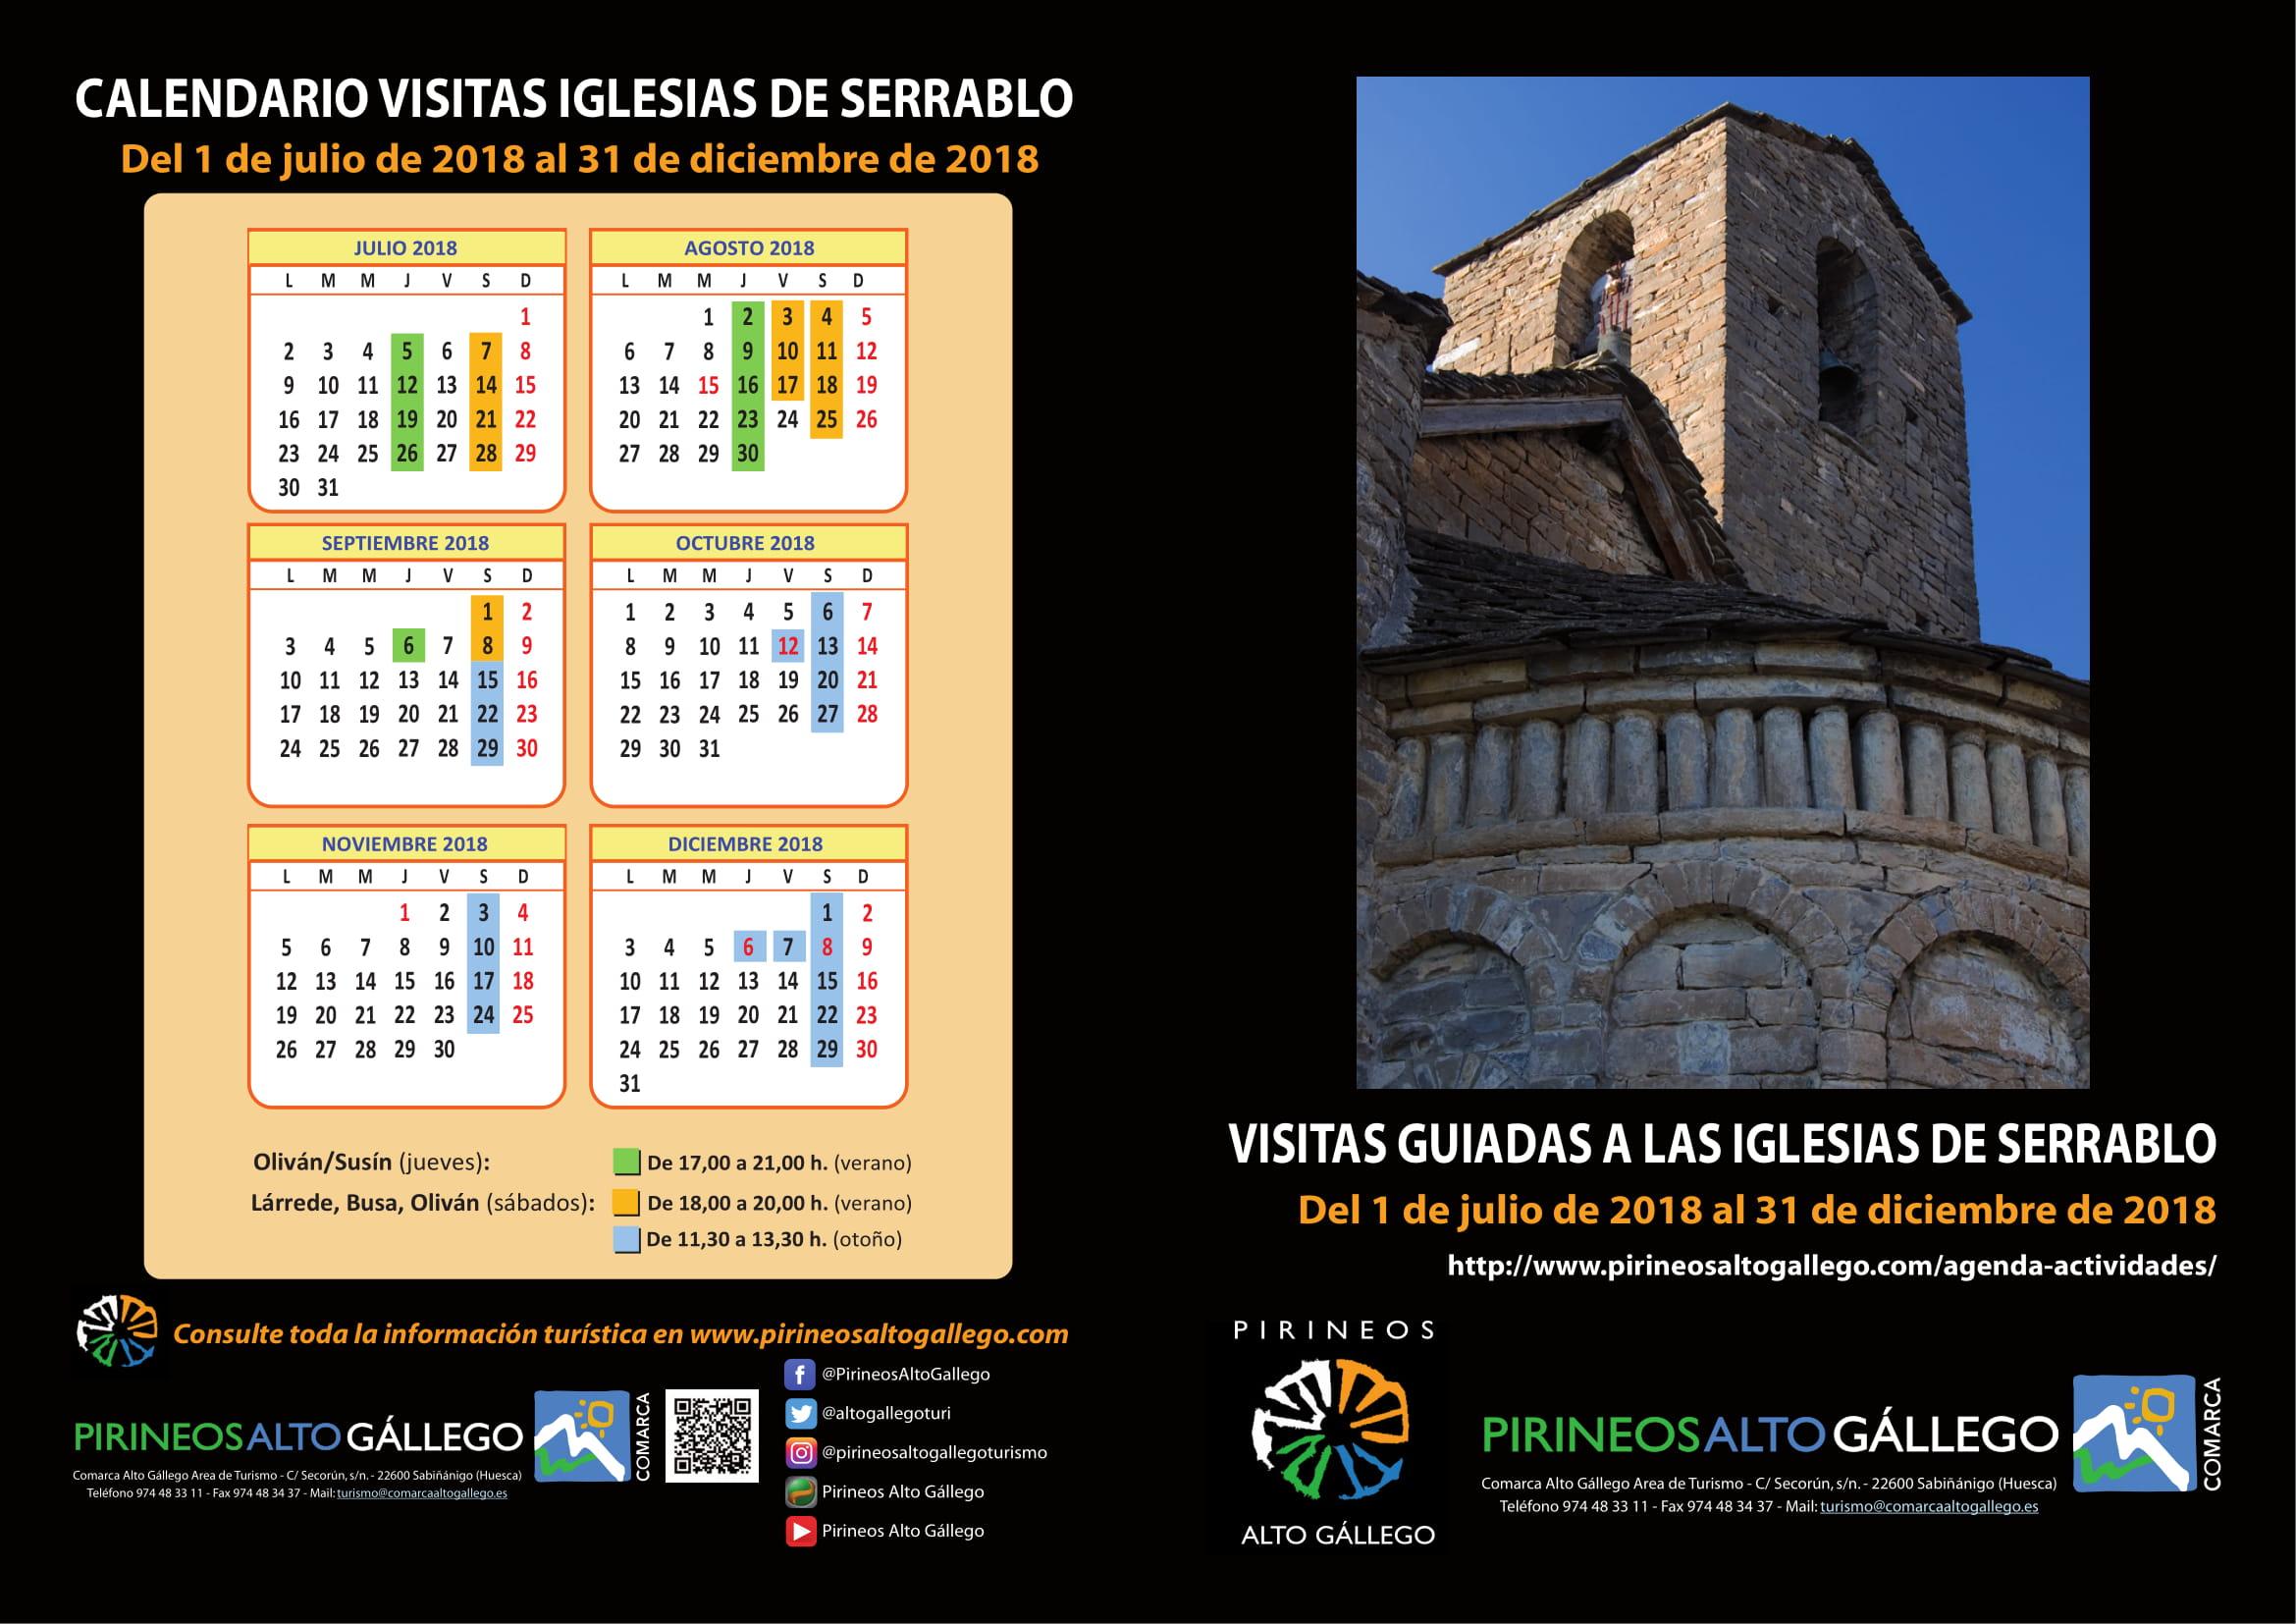 DIPTICO-VISITAS-GUIADAS-2018-1 (1)-1